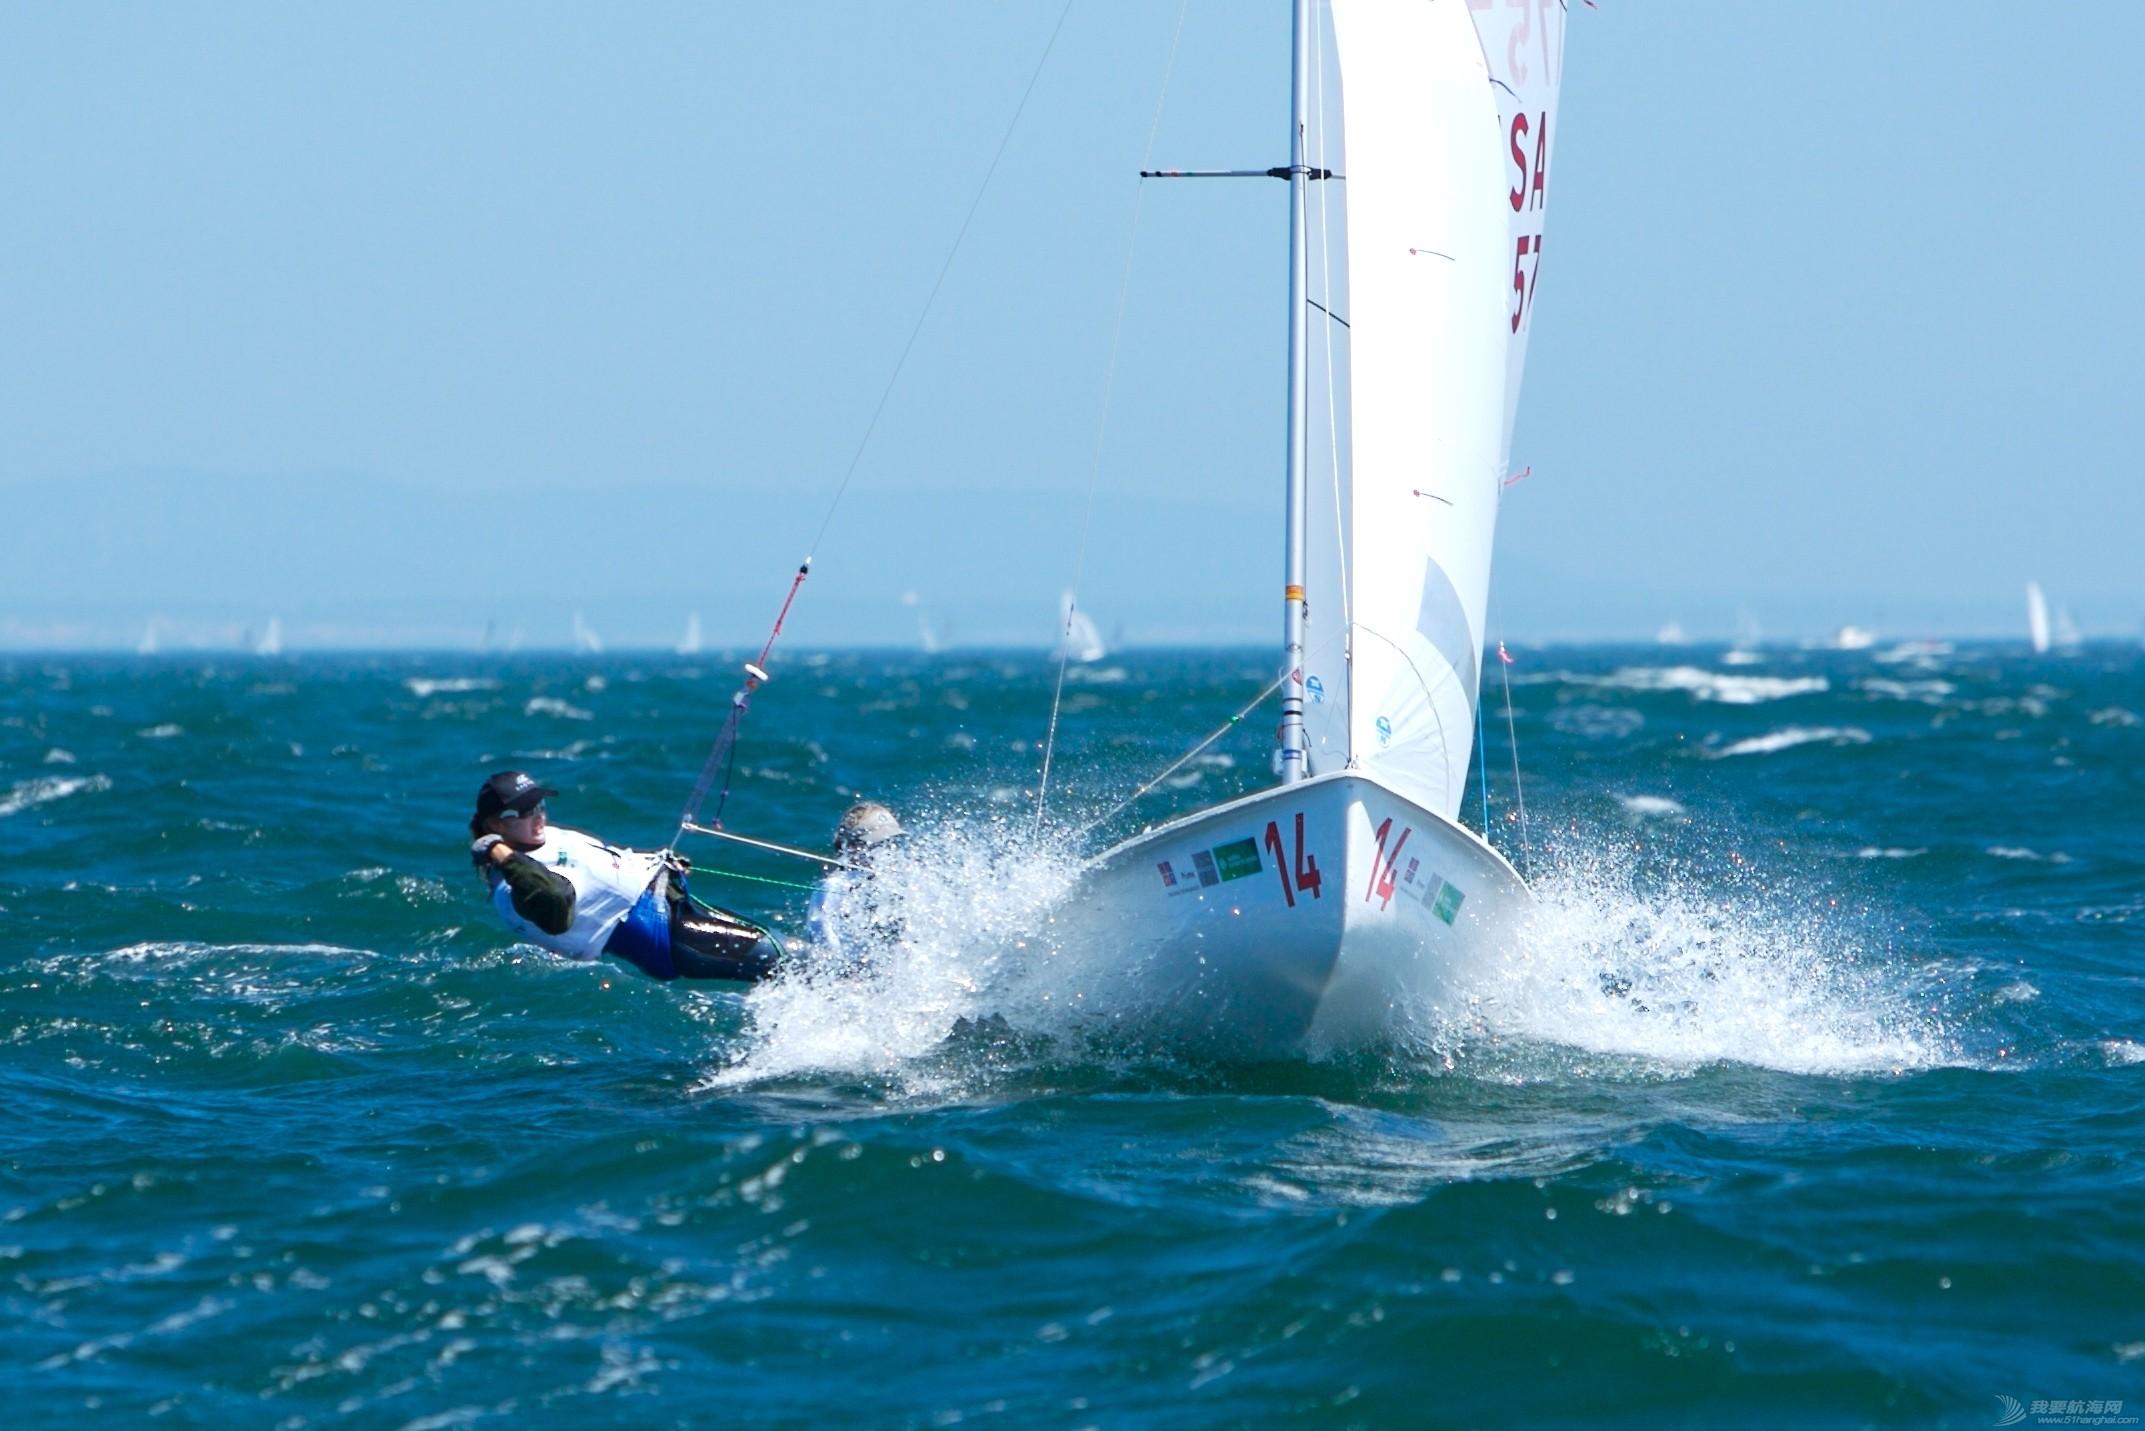 470级,奥运会帆船 470级小帆船 470_dingy.jpg